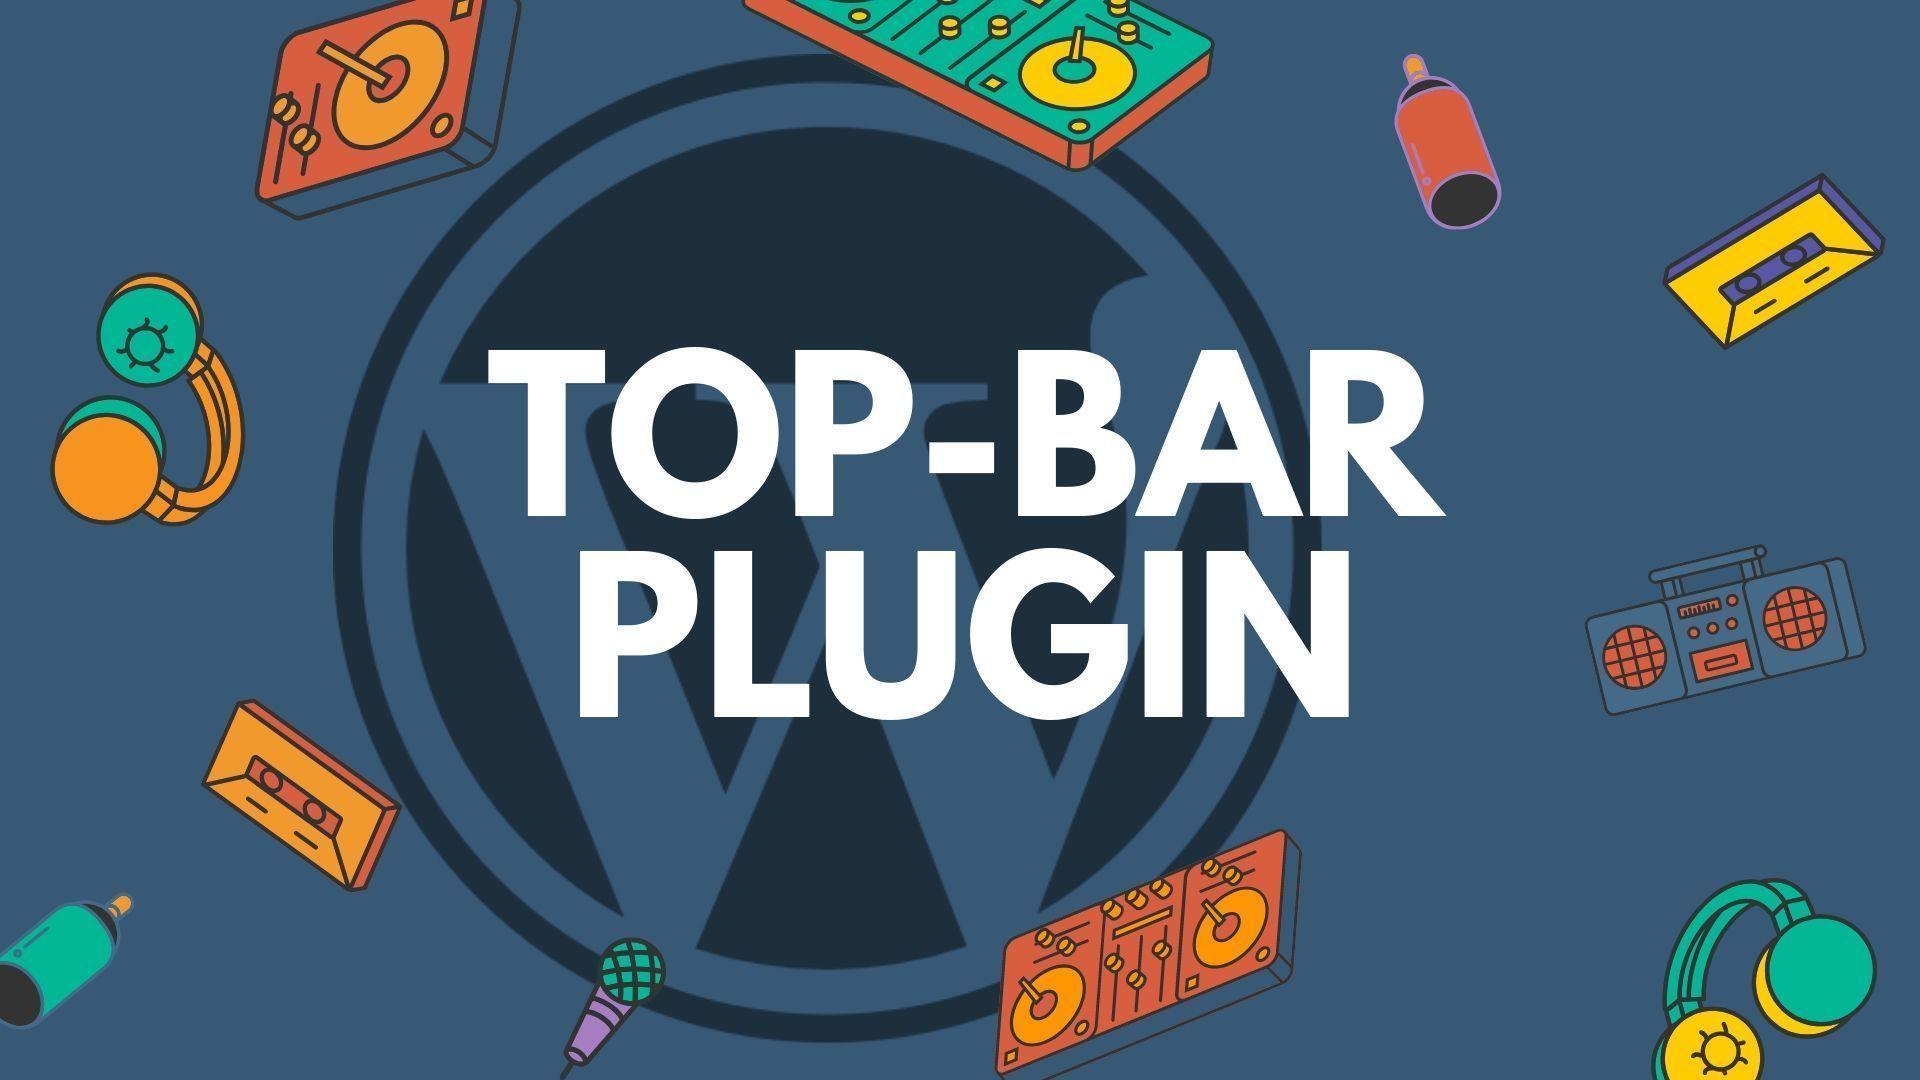 WordPress Benachrichtigungen erstellen mit Top-Bar Plugin 11 techboys.de • smarte News, auf den Punkt! WordPress Benachrichtigungen erstellen mit Top-Bar Plugin